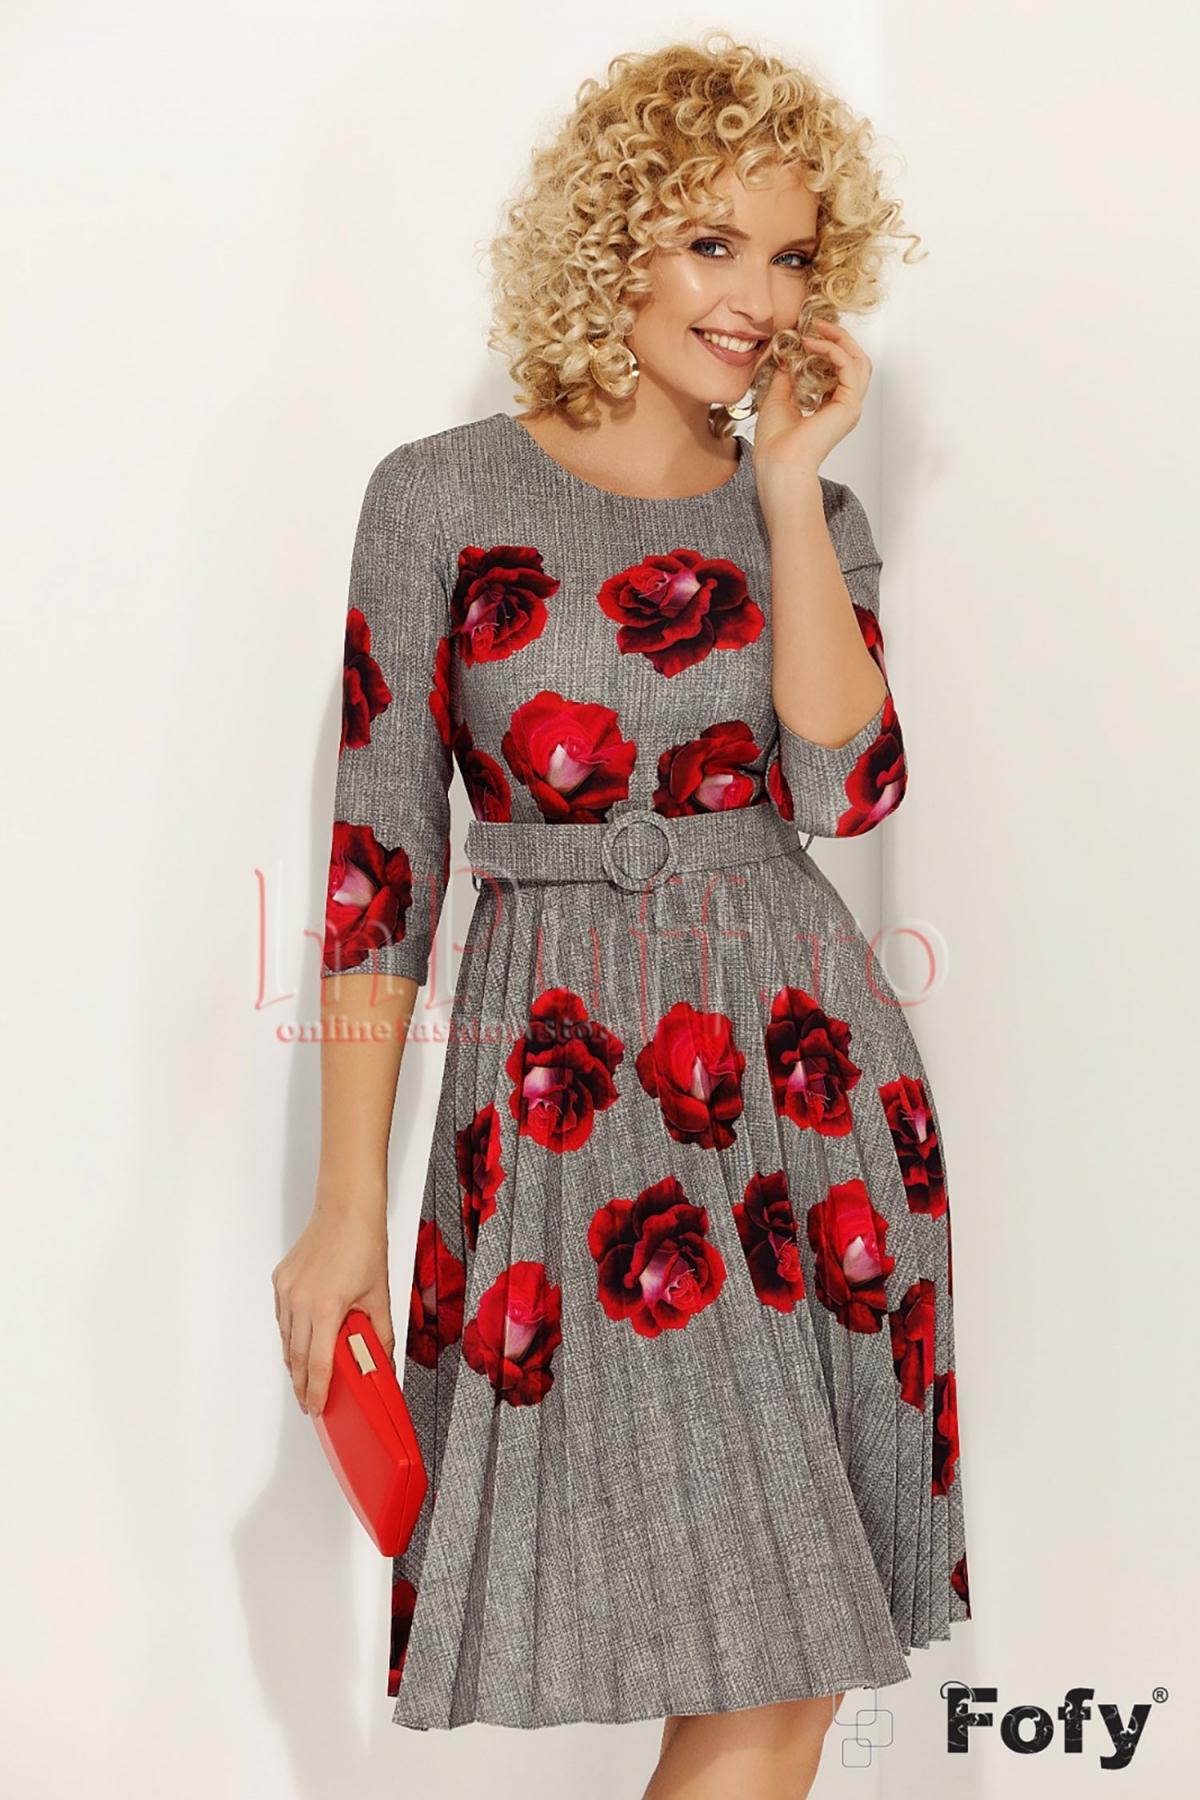 Rochie Fofy pliuri gri cu imprimeu floral rosu